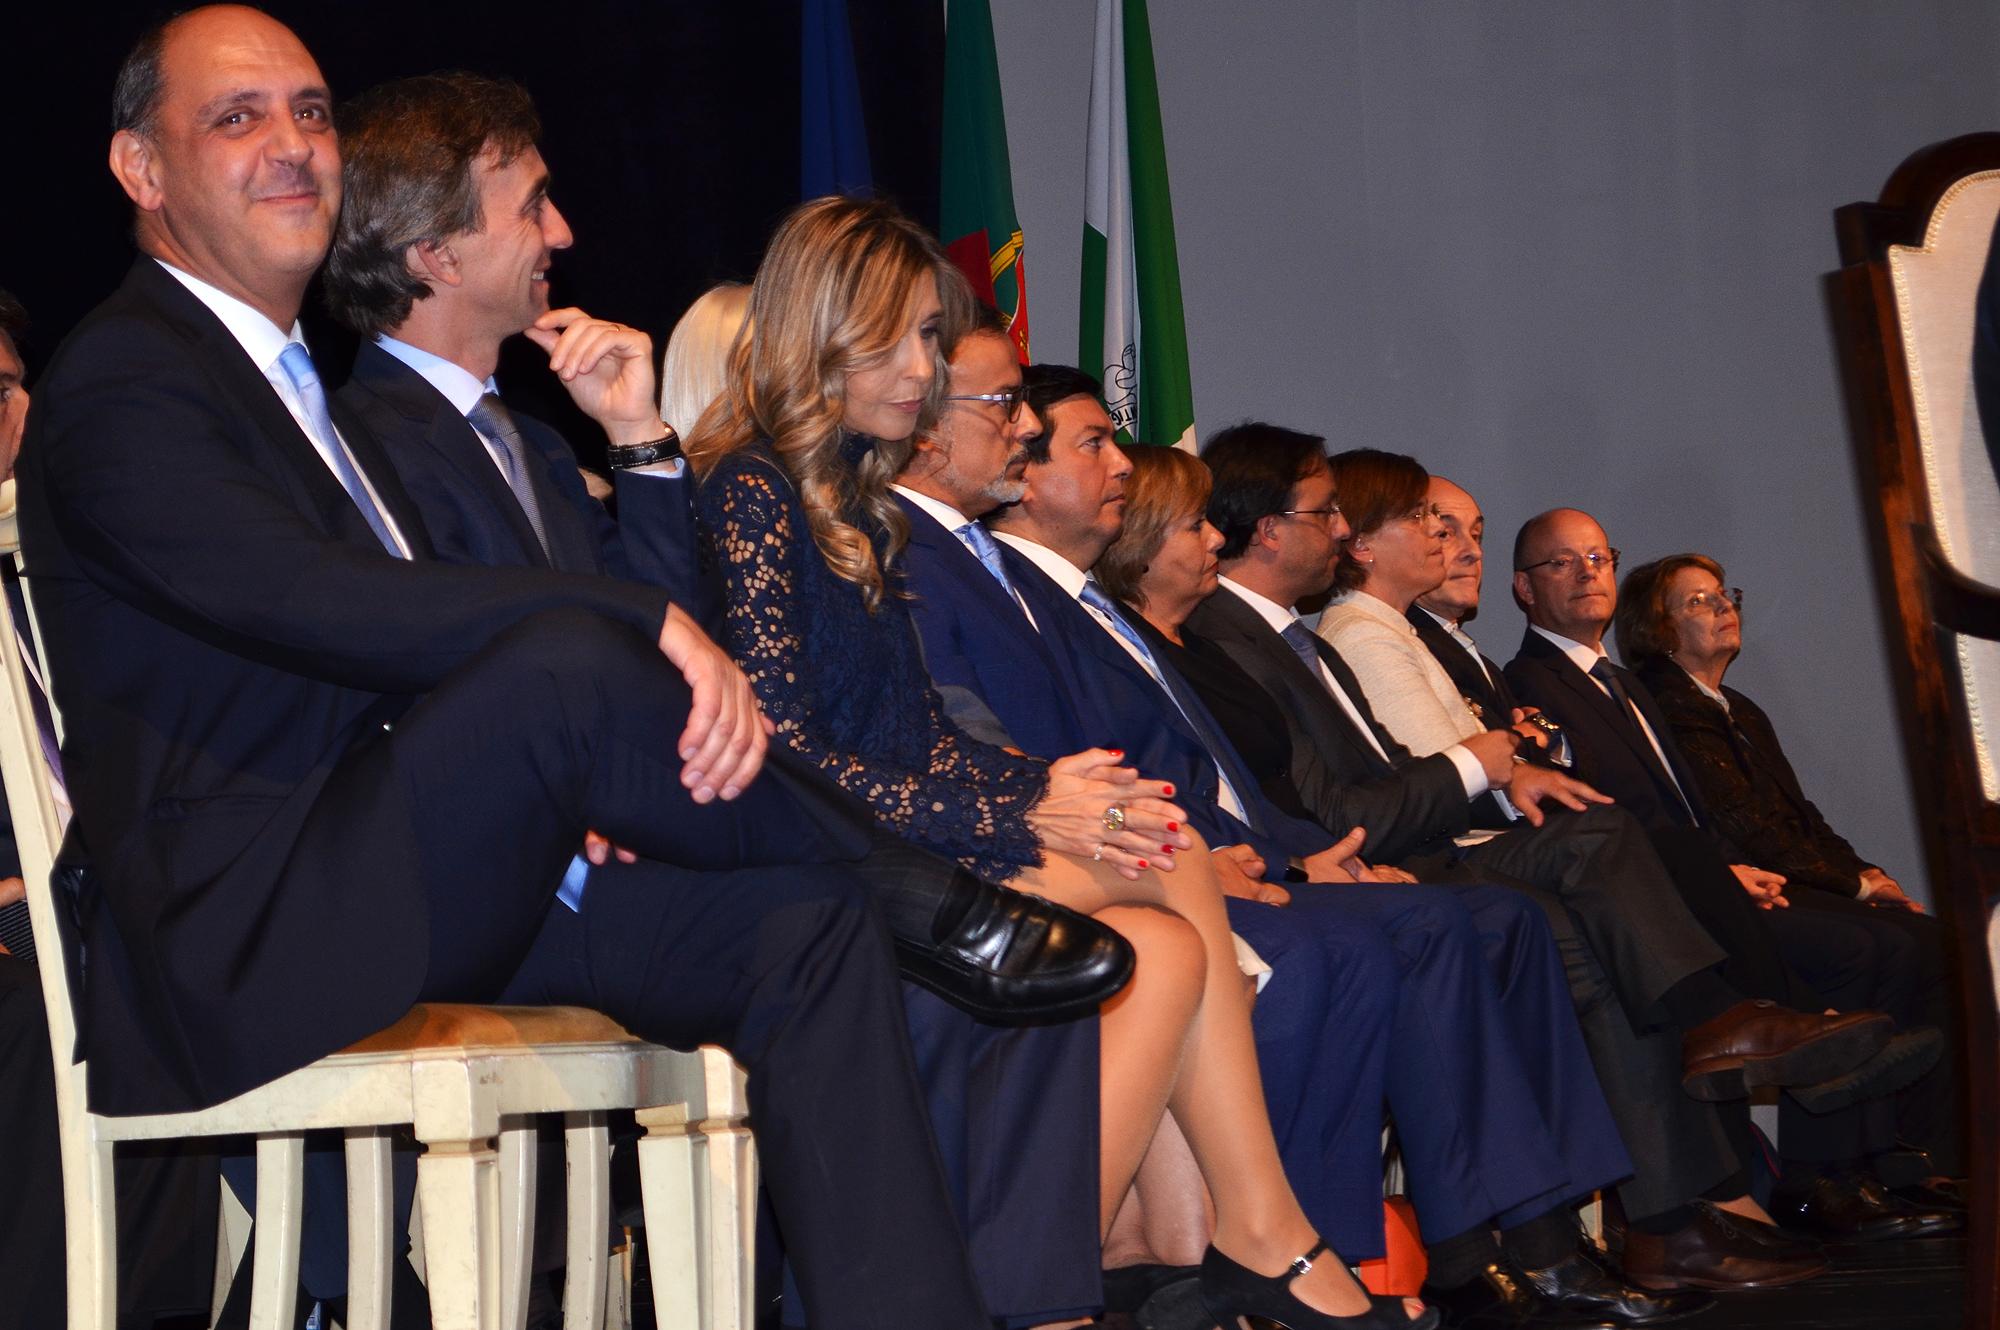 De Manuel Pizarro (à esq.) a Ilda Figueiredo (ao fundo), os novos vereadores tomaram posse.